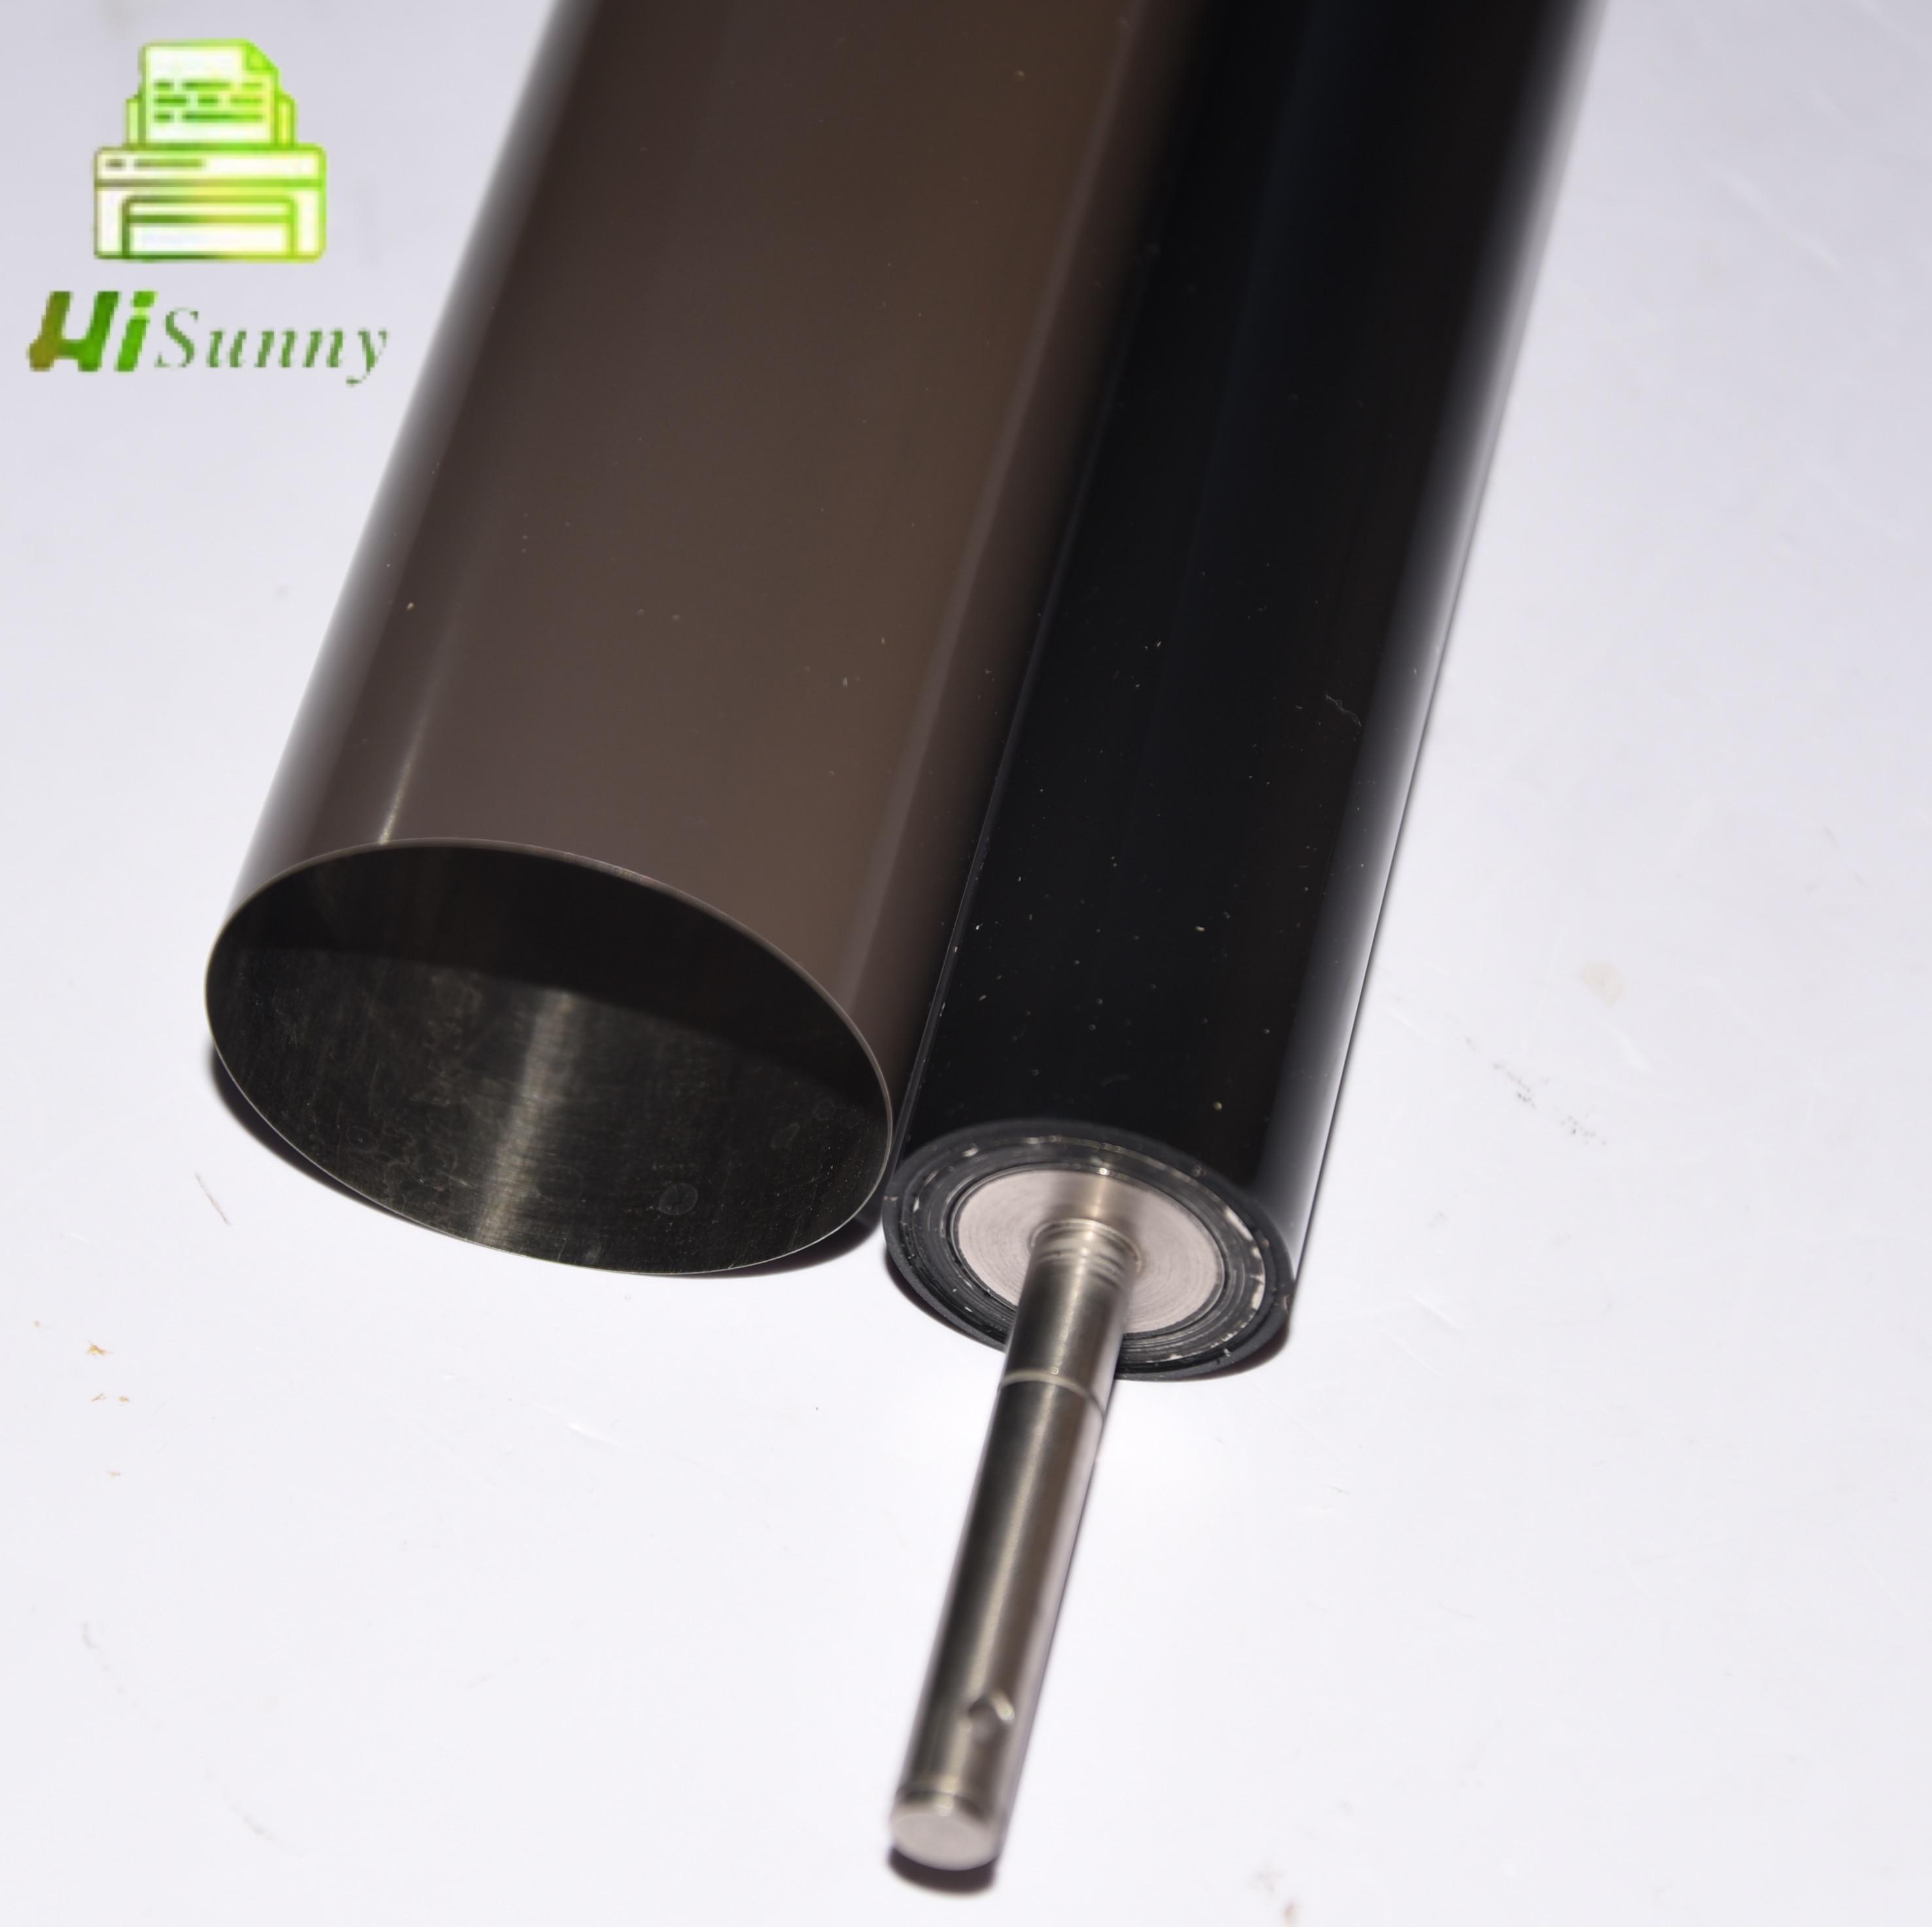 2SET OEM for Konica Minolta Bizhub C224 C284 C364 C224e C284e C364e BHC224 BHC284 BHC364 Fuser Film Sleeve Lower Pressure Roller2SET OEM for Konica Minolta Bizhub C224 C284 C364 C224e C284e C364e BHC224 BHC284 BHC364 Fuser Film Sleeve Lower Pressure Roller